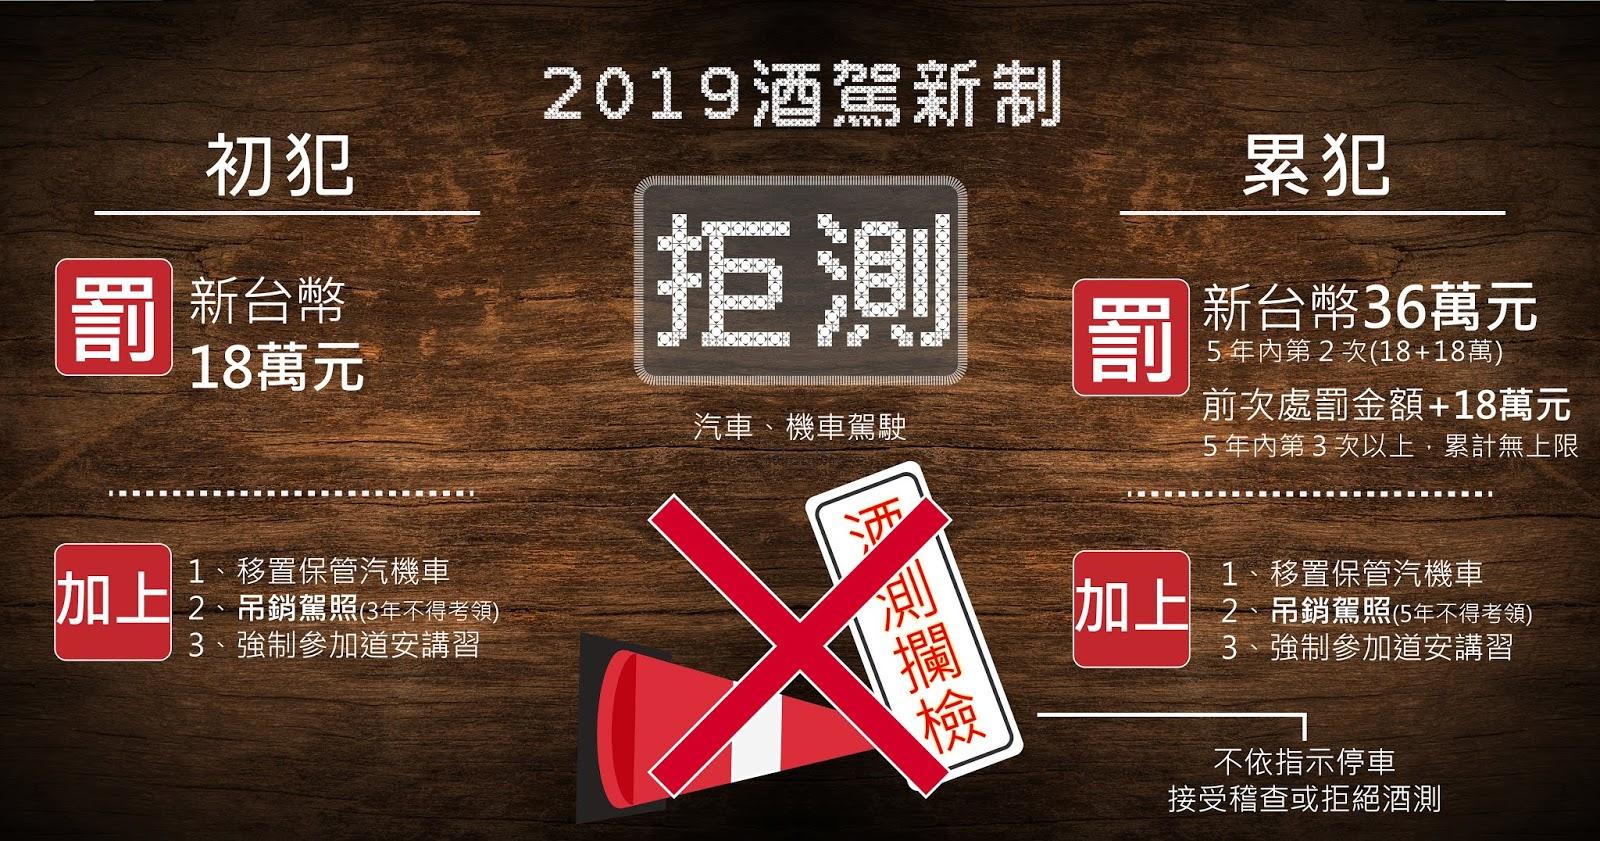 2019酒駕新制-汽機車駕駛拒測(拒檢)罰鍰金額,初犯、累犯,不同酒駕罰鍰